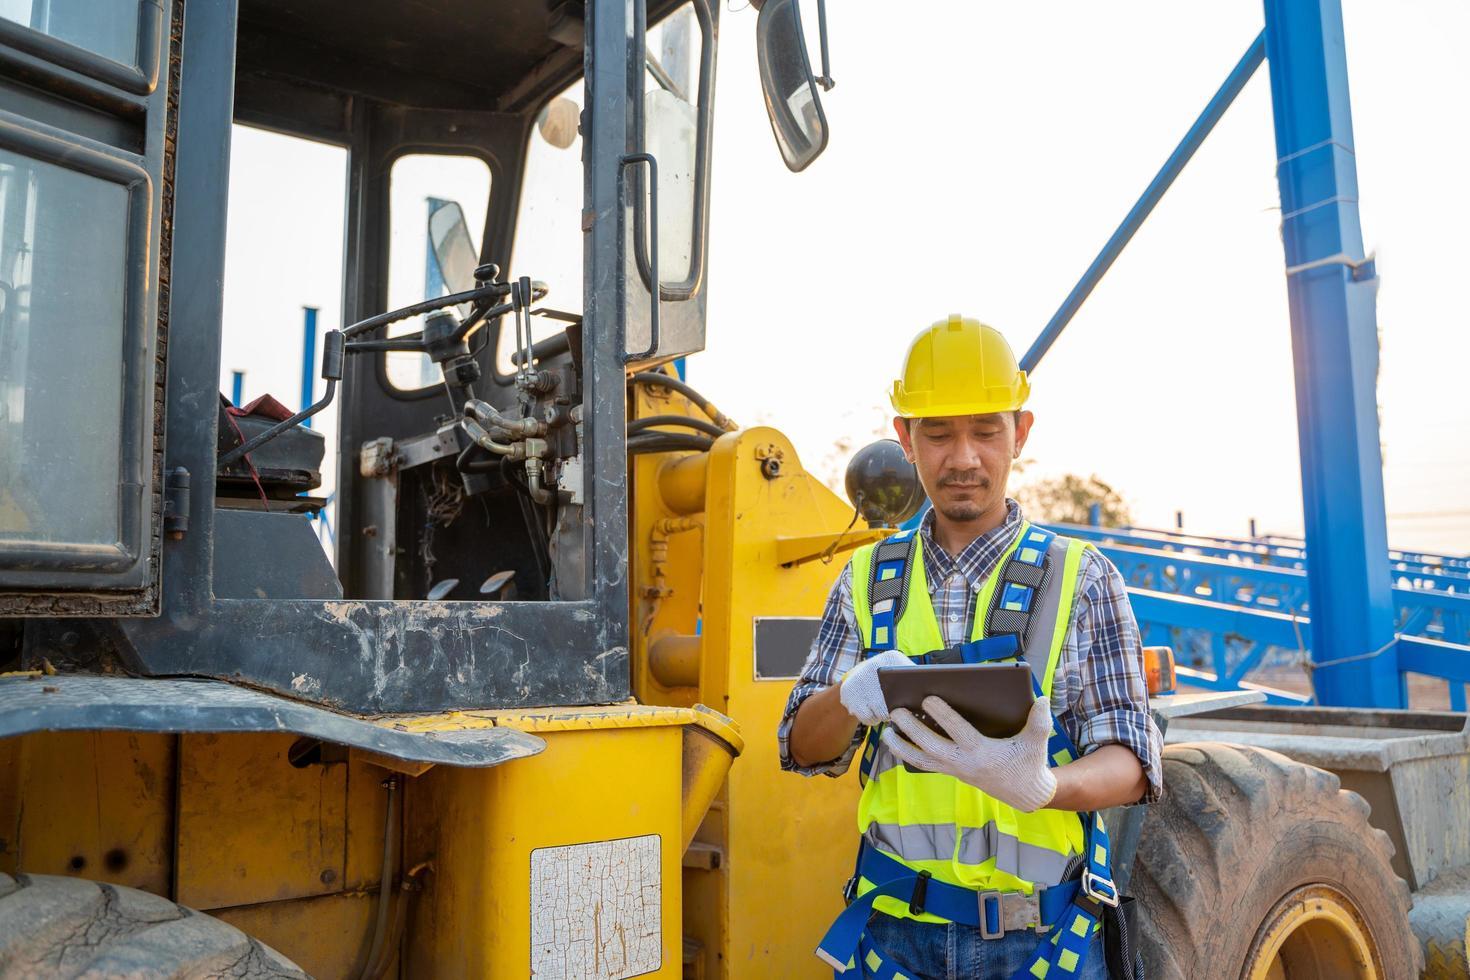 travailleur de la construction à côté de la chargeuse-pelleteuse photo